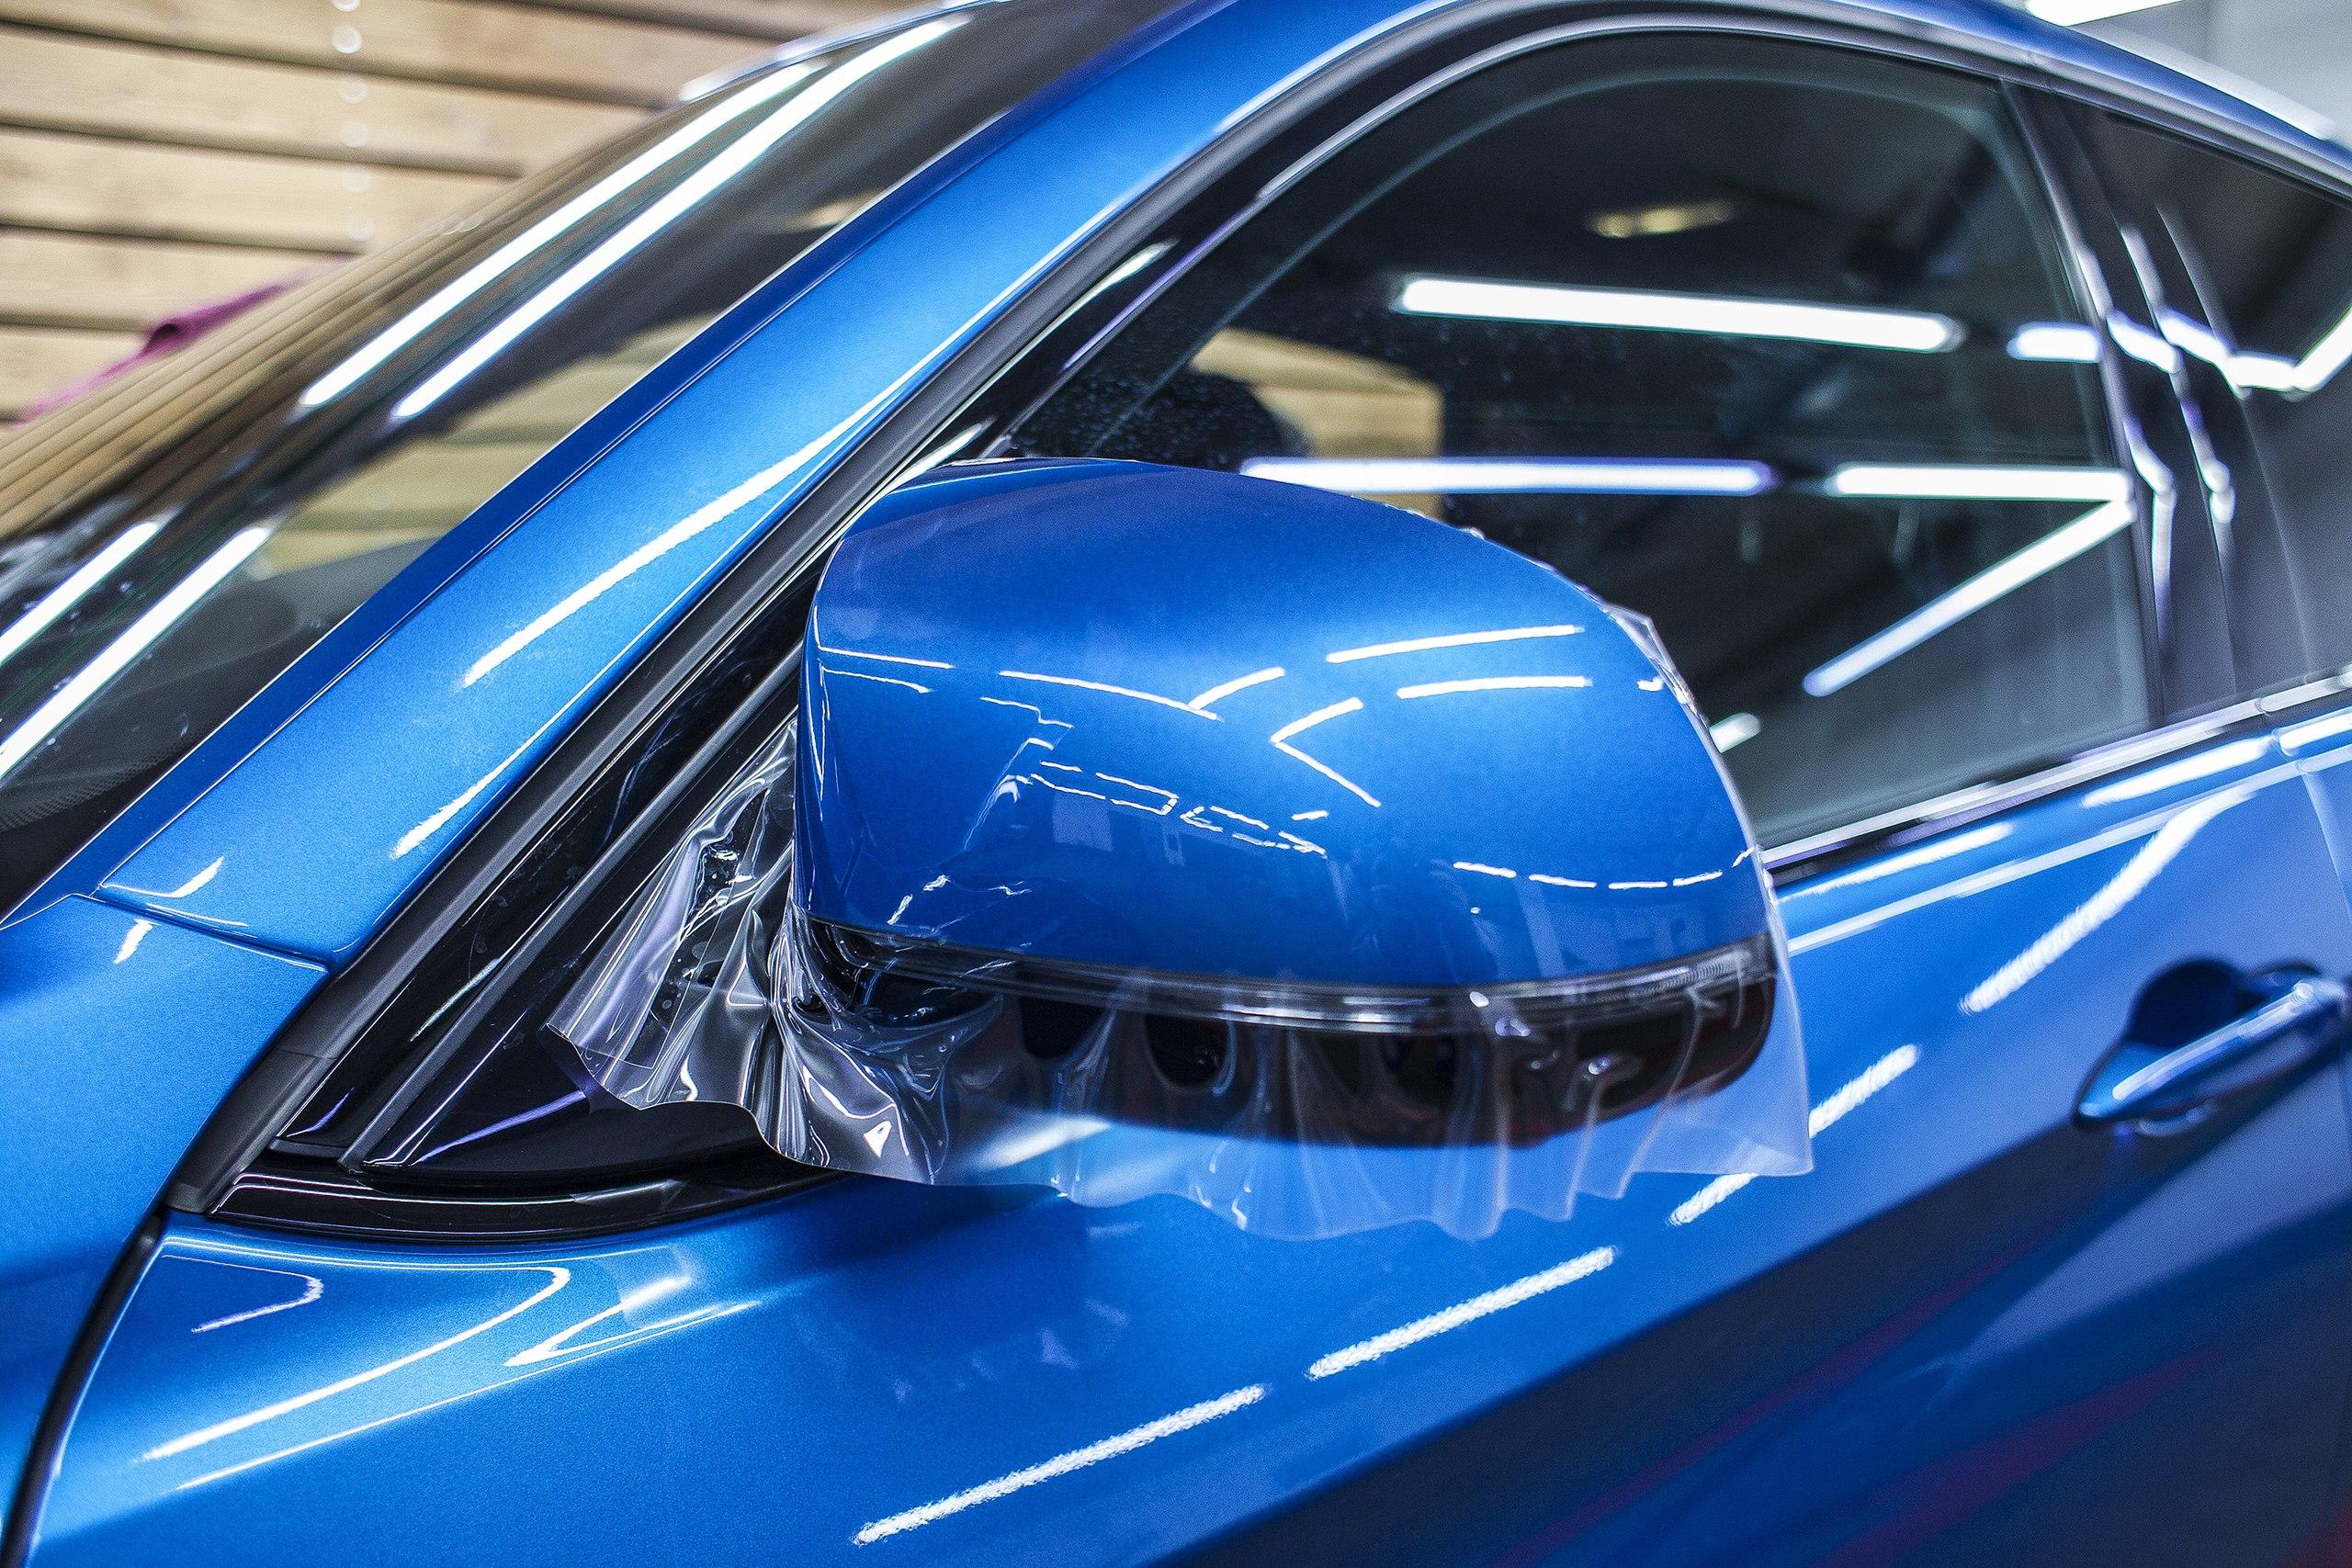 защитная пленка на авто купить в москве